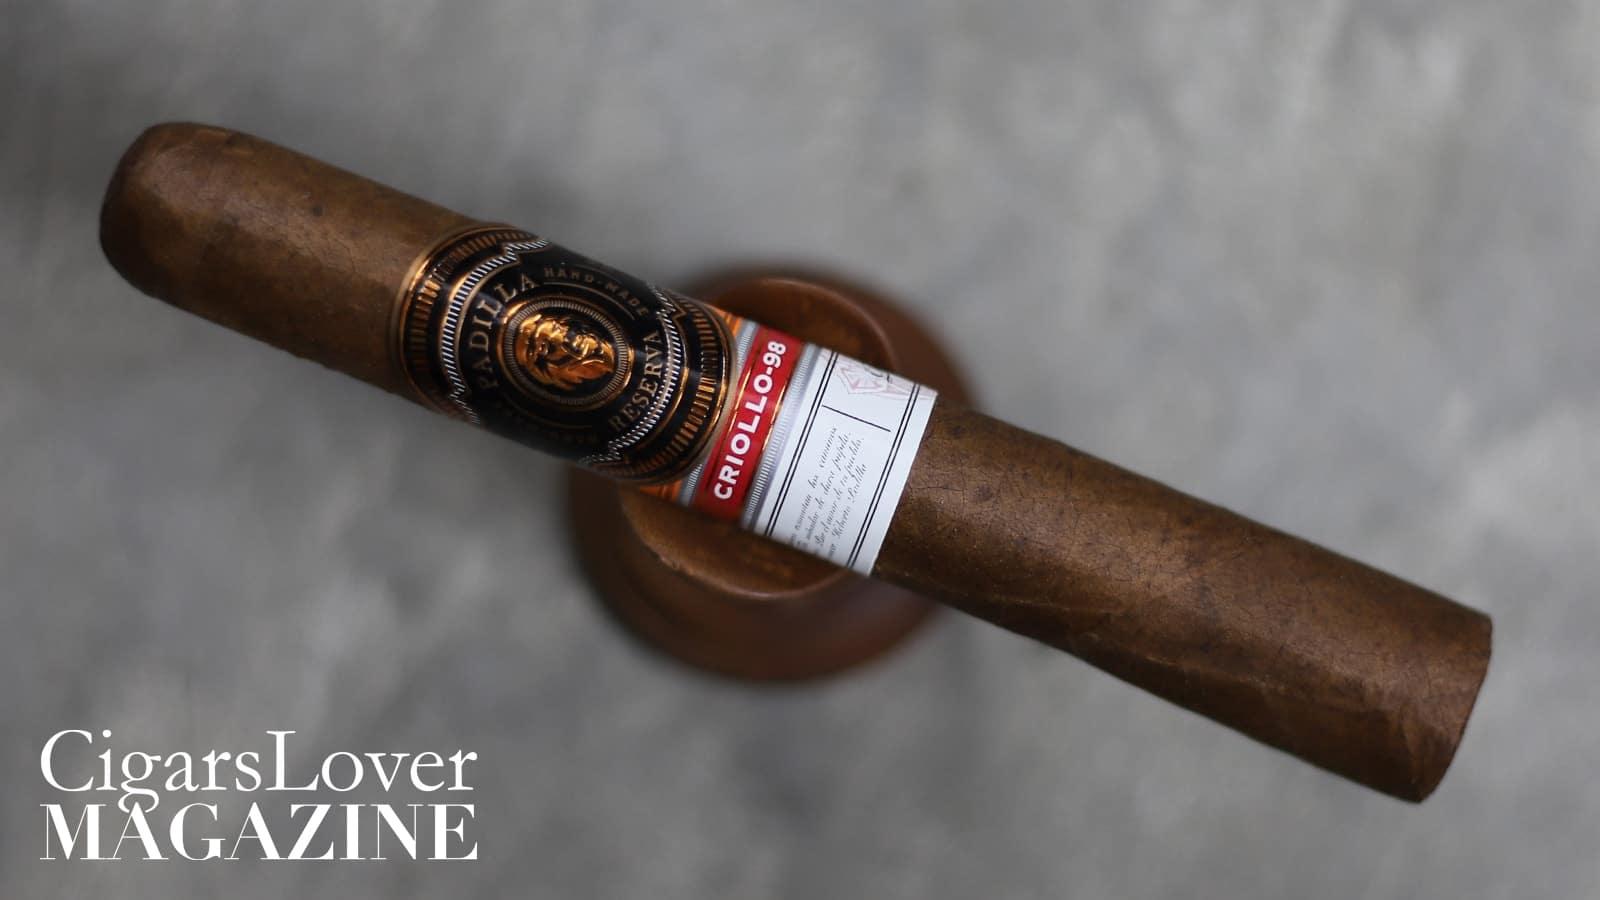 Sembra un sigaro particolarmente fresco. La paletta aromatica è limitata e poco delineata. Risulta però discretamente equilibrato. Fumato fino all'inizio del PT.